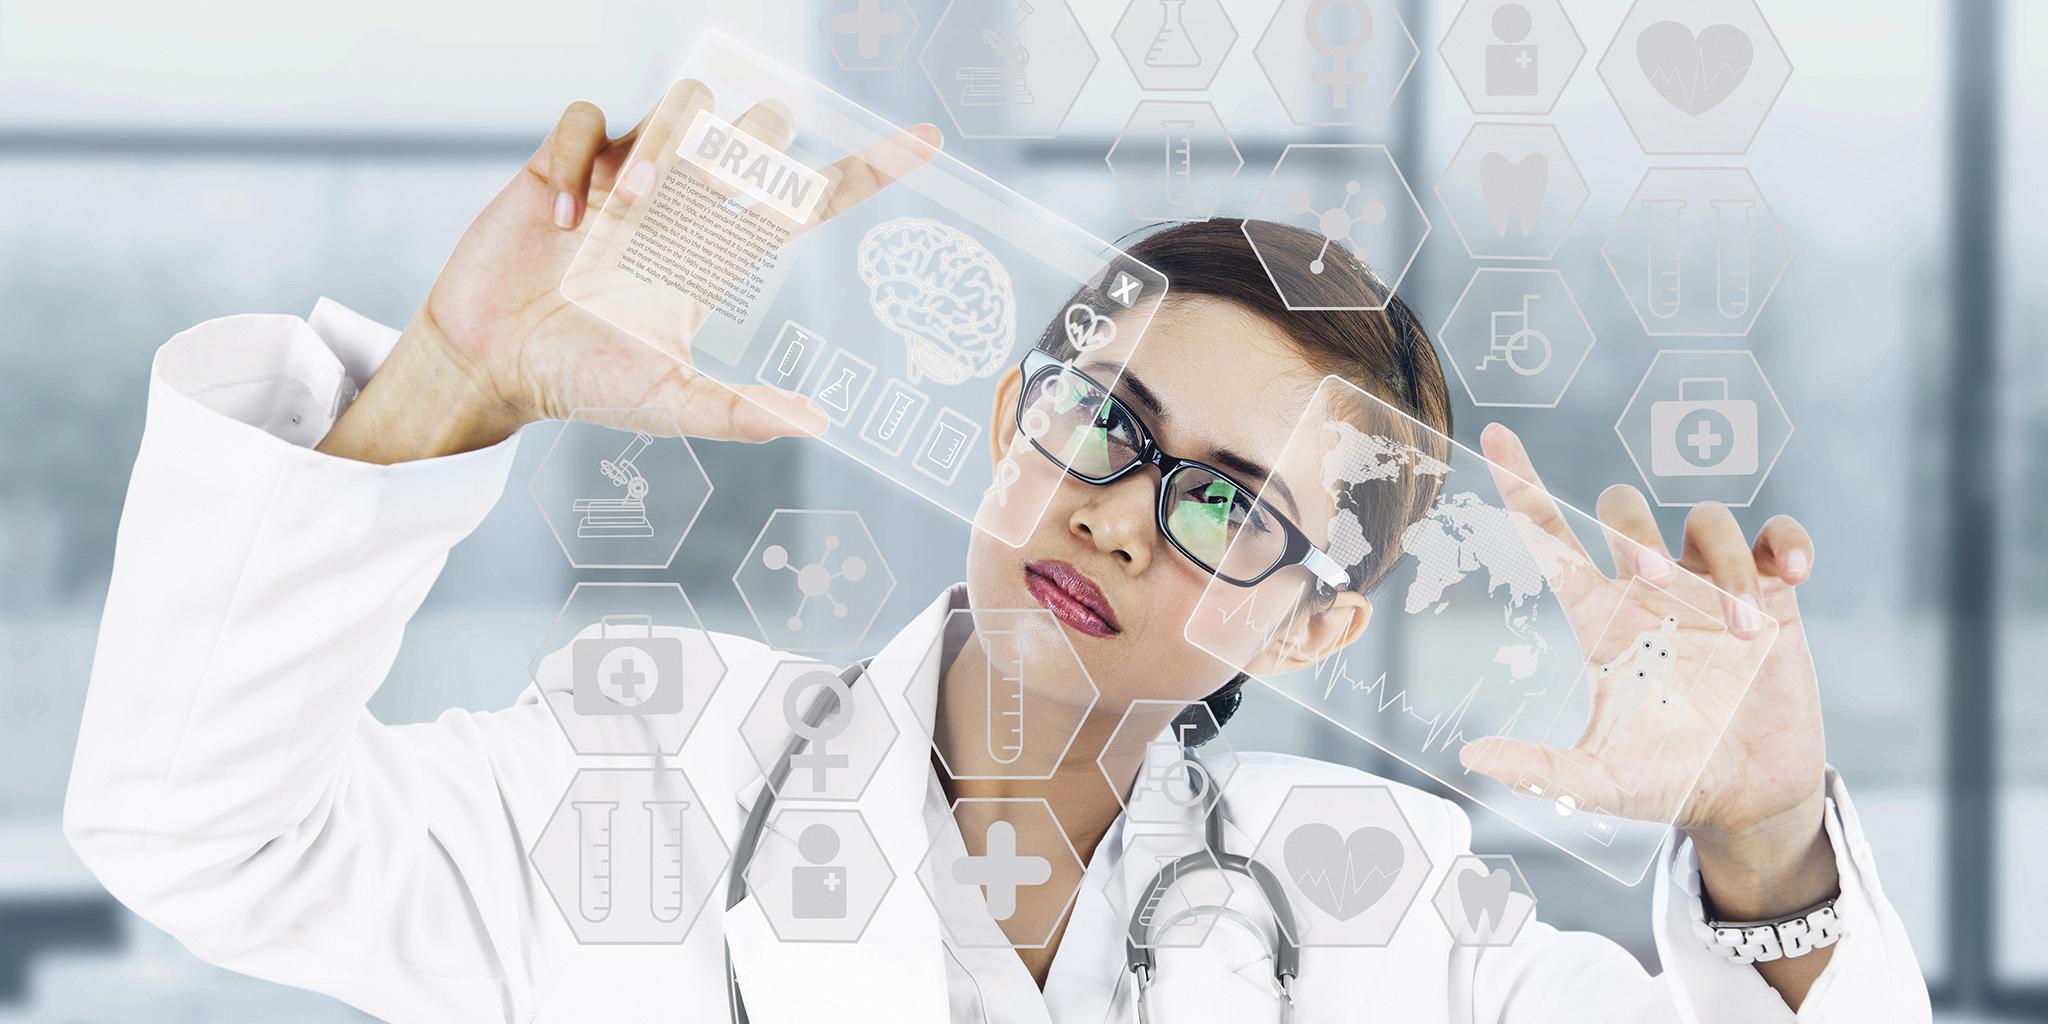 une femme occupée sur un tableau numérique